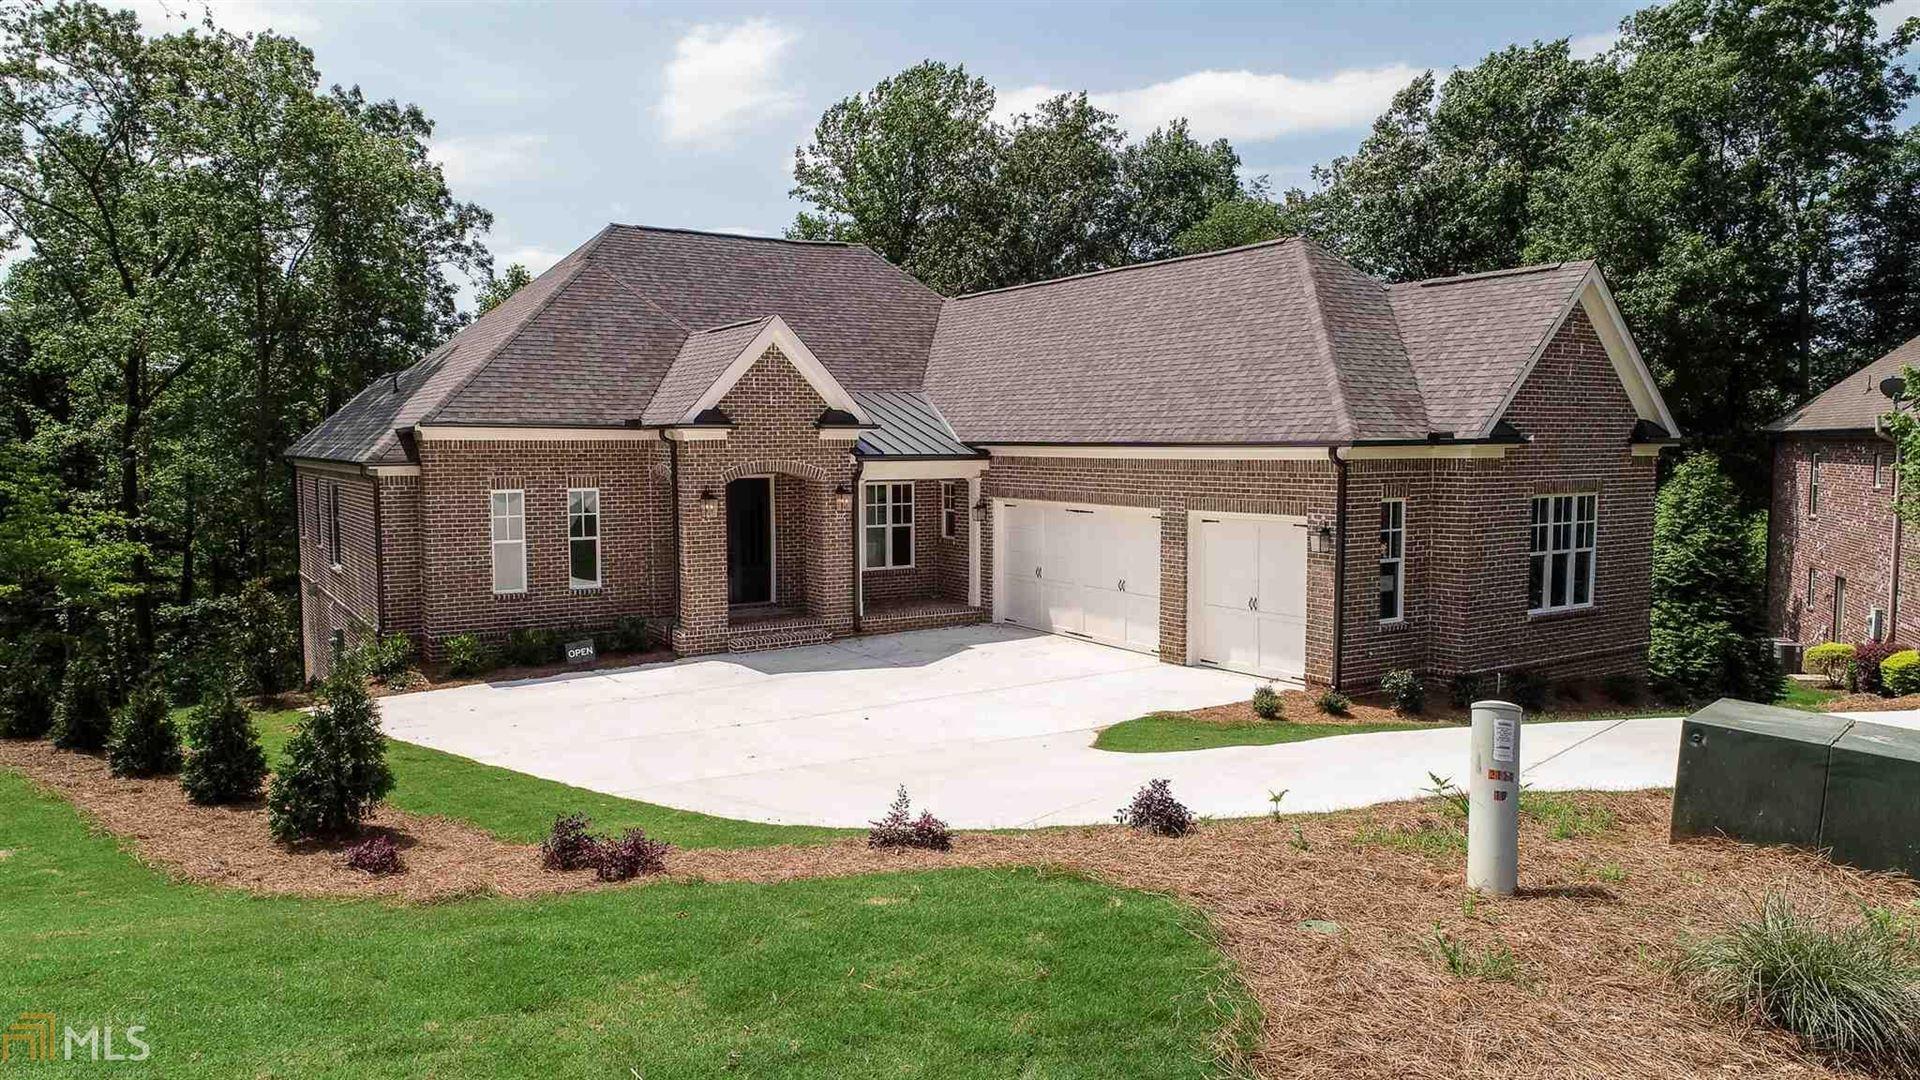 425 Ridgemoor, Canton, GA 30115 - MLS#: 8716556